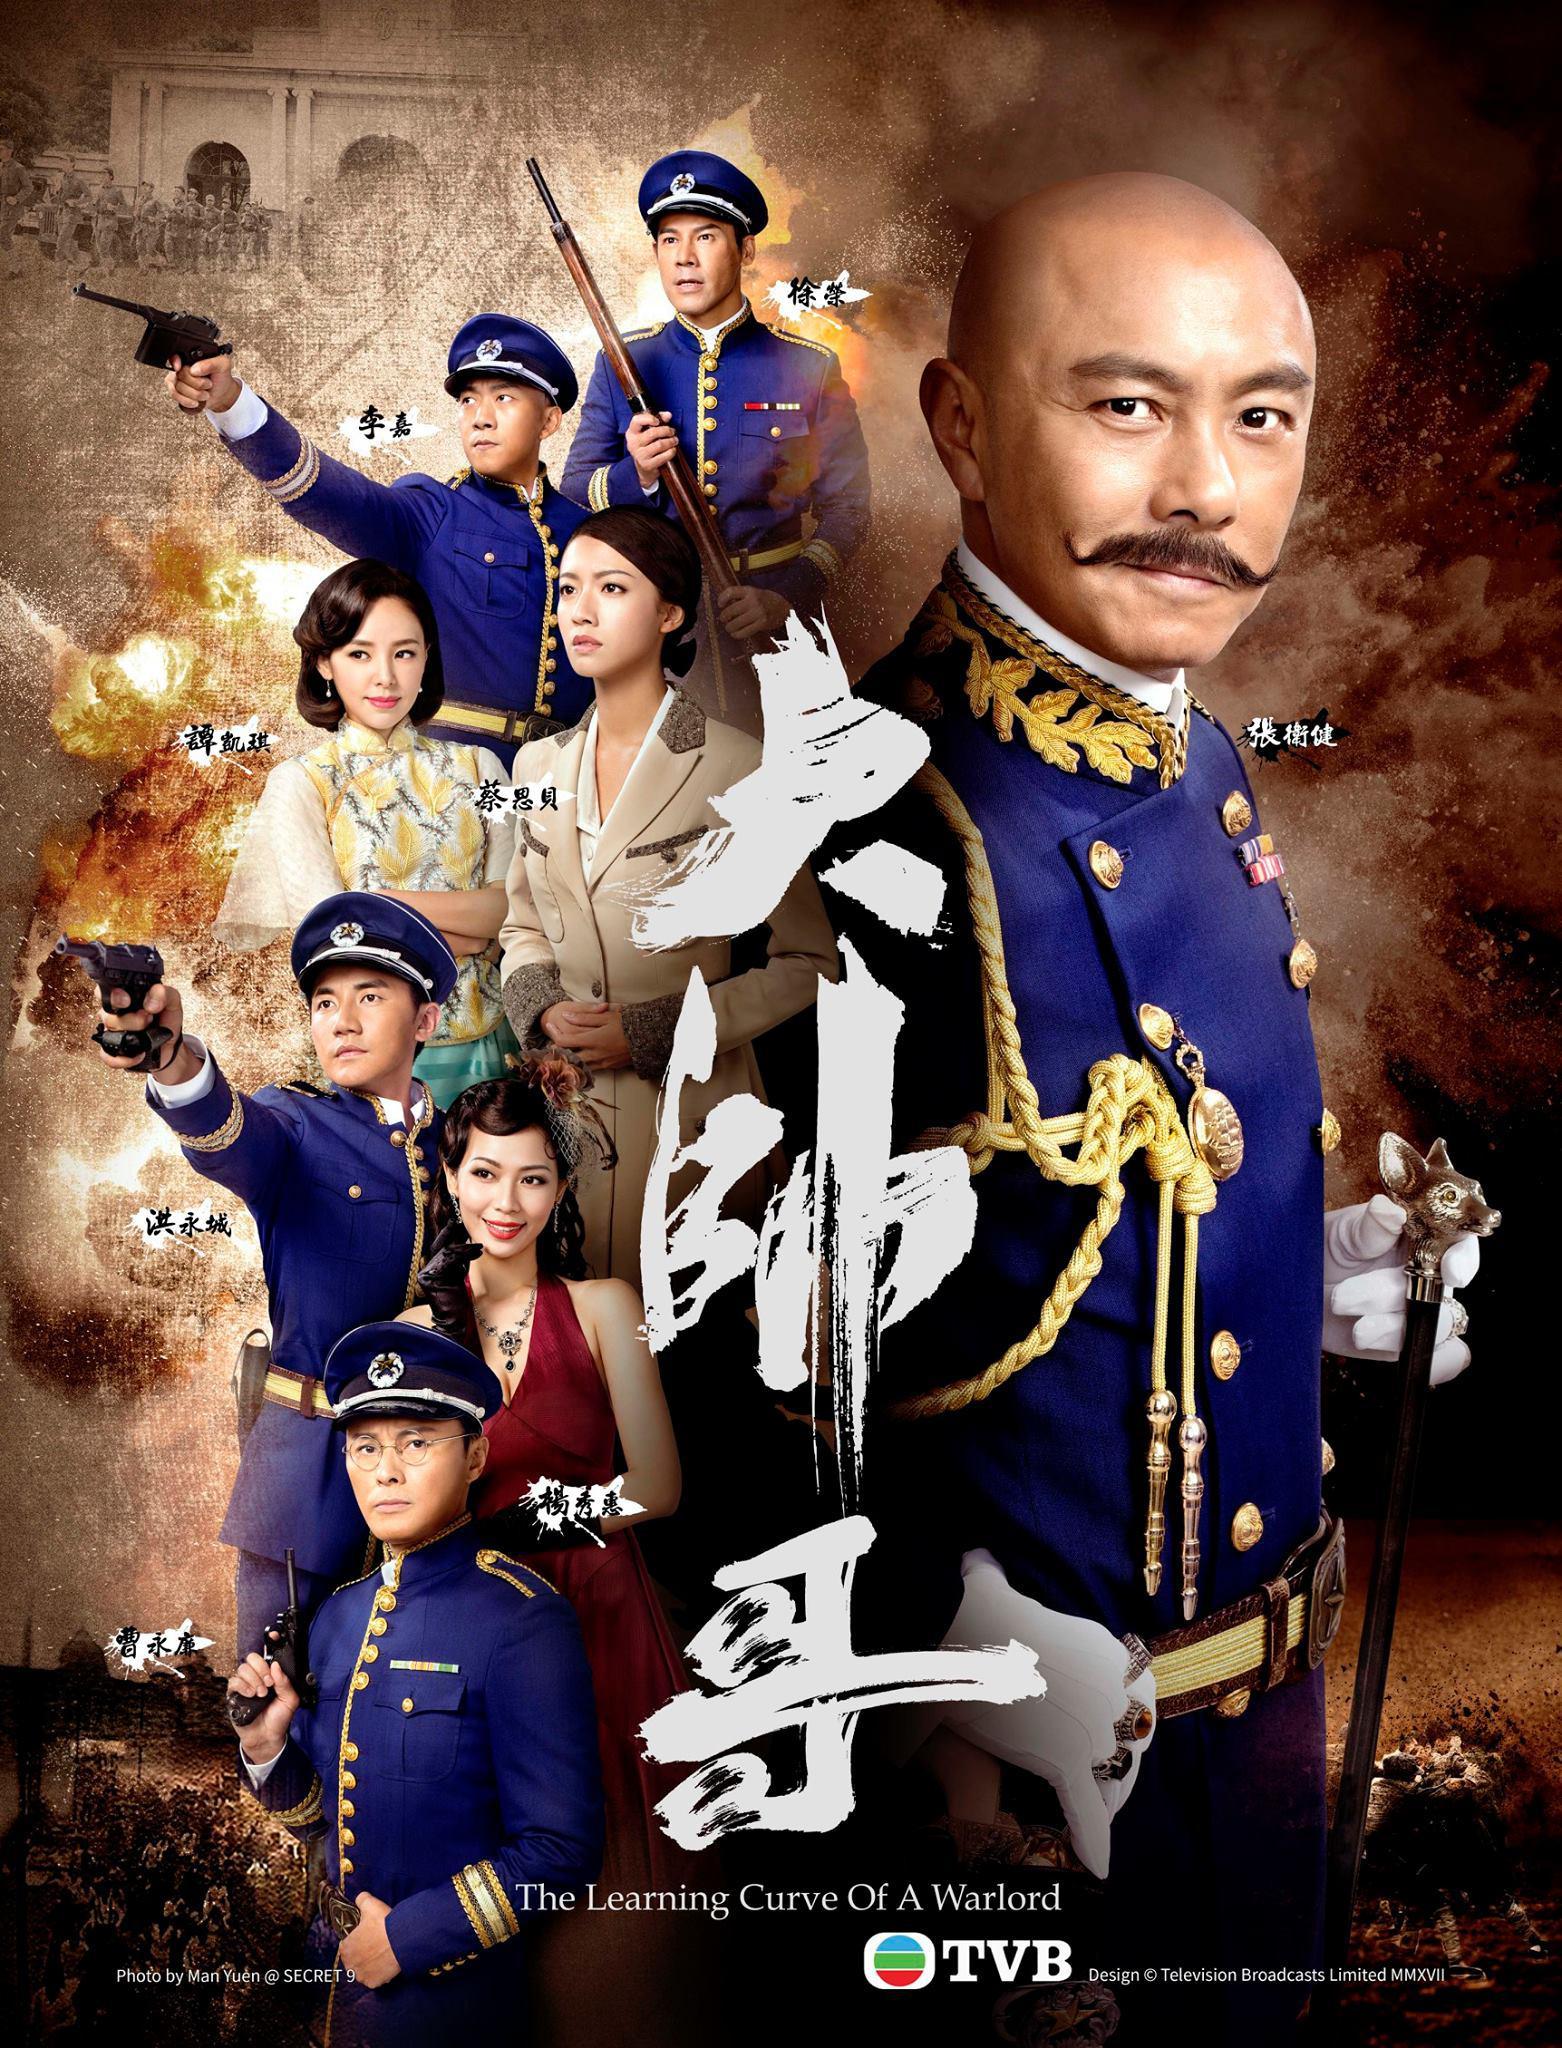 张卫健回归TVB新作《大帅哥》引热议,看看你的好朋友像剧中哪一号人物?插图